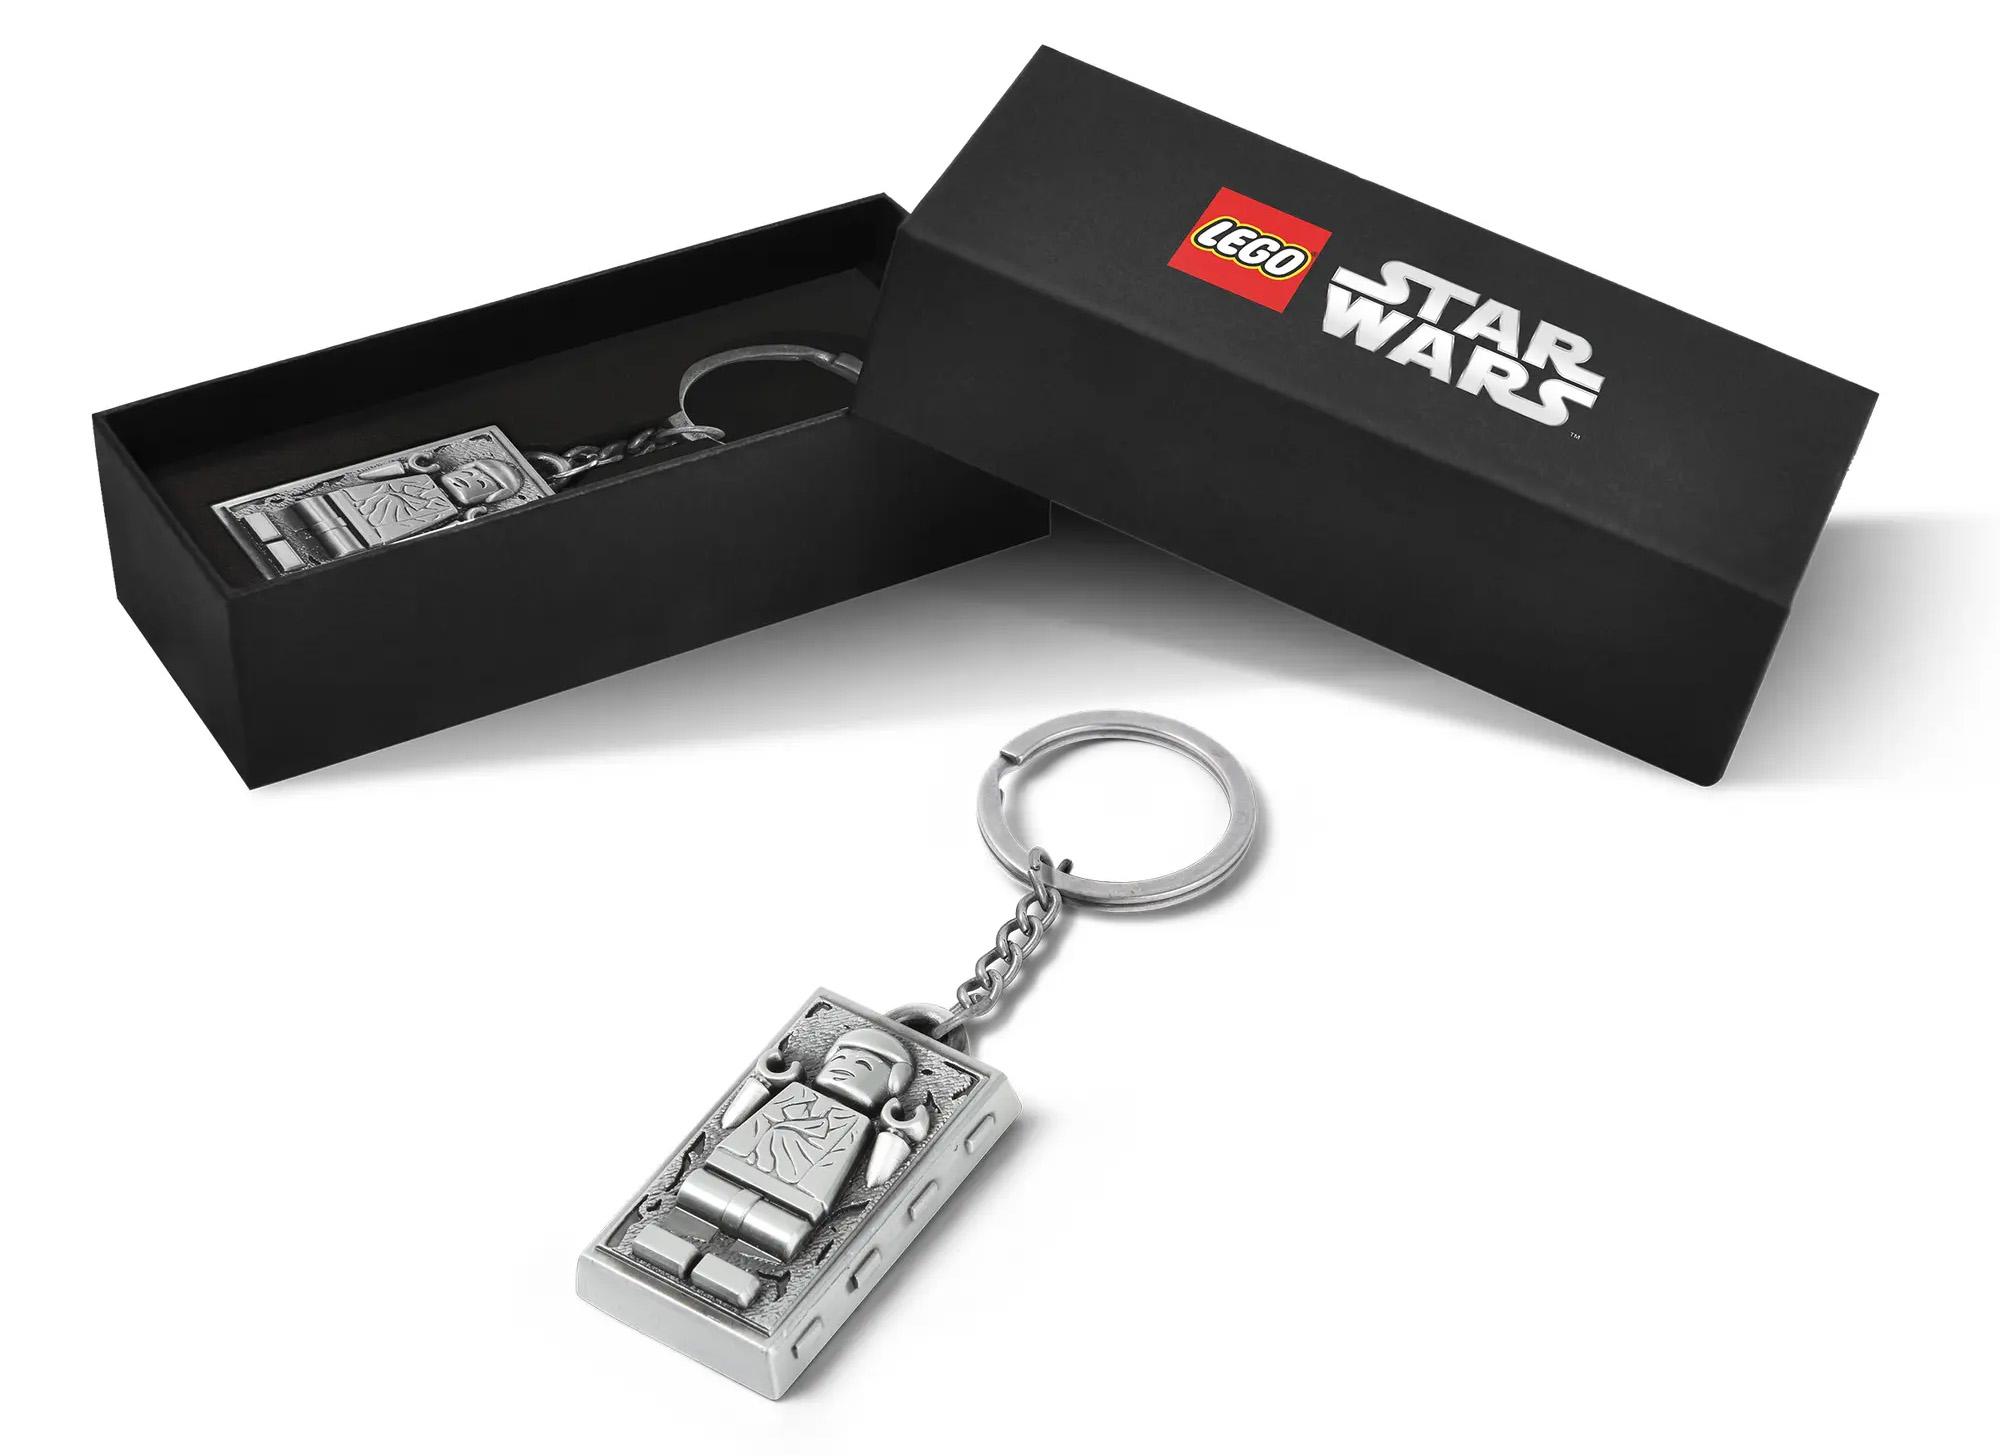 海外レゴ公式ではハン・ソロのキーホルダー購入者プレゼントあり:国内でも実施される?(2020年11月)